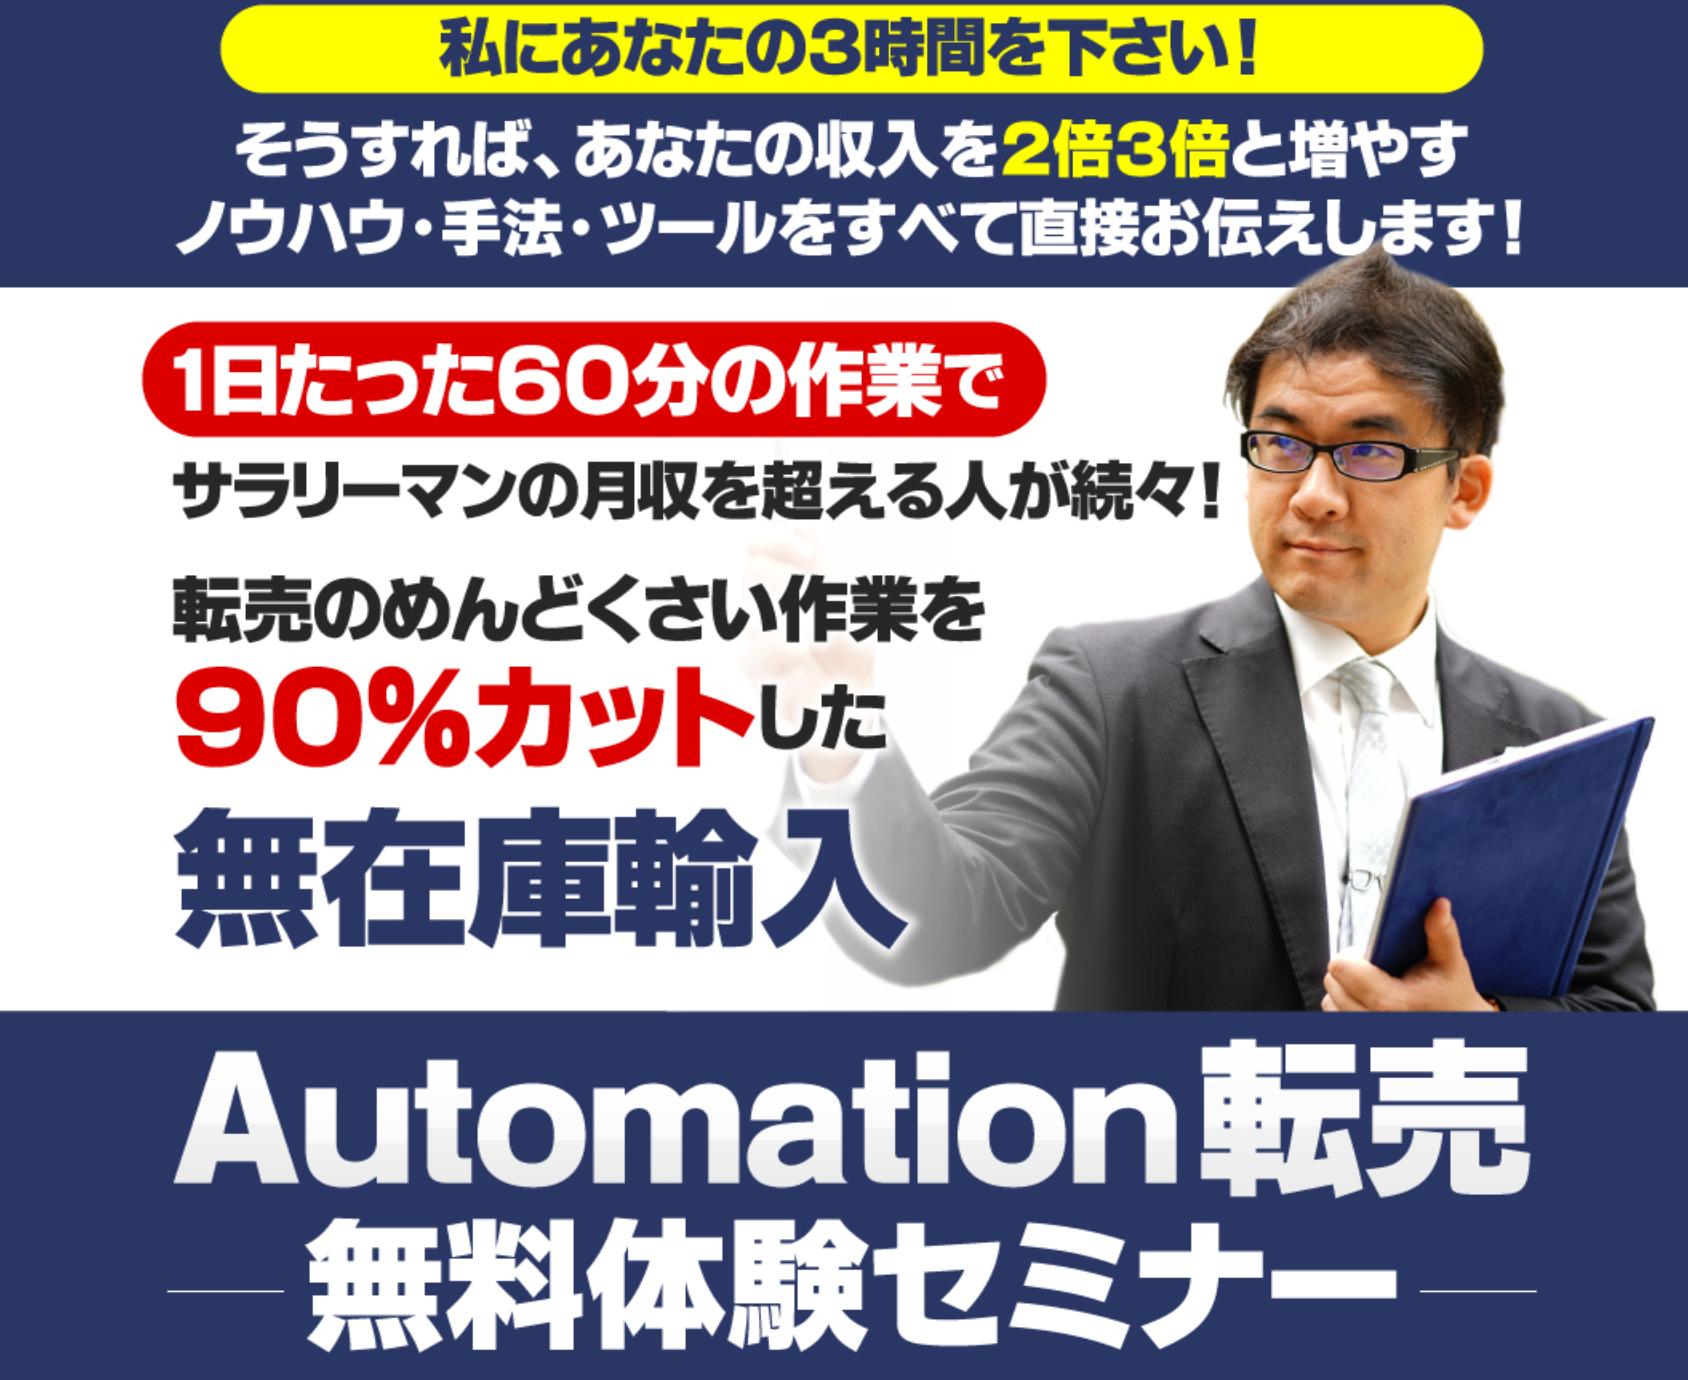 石井道明 Automation転売って一体なに?稼げるのか? 評判 口コミ 詐欺 返金 ネットビジネス裁判官が独自の視点で検証していきます。